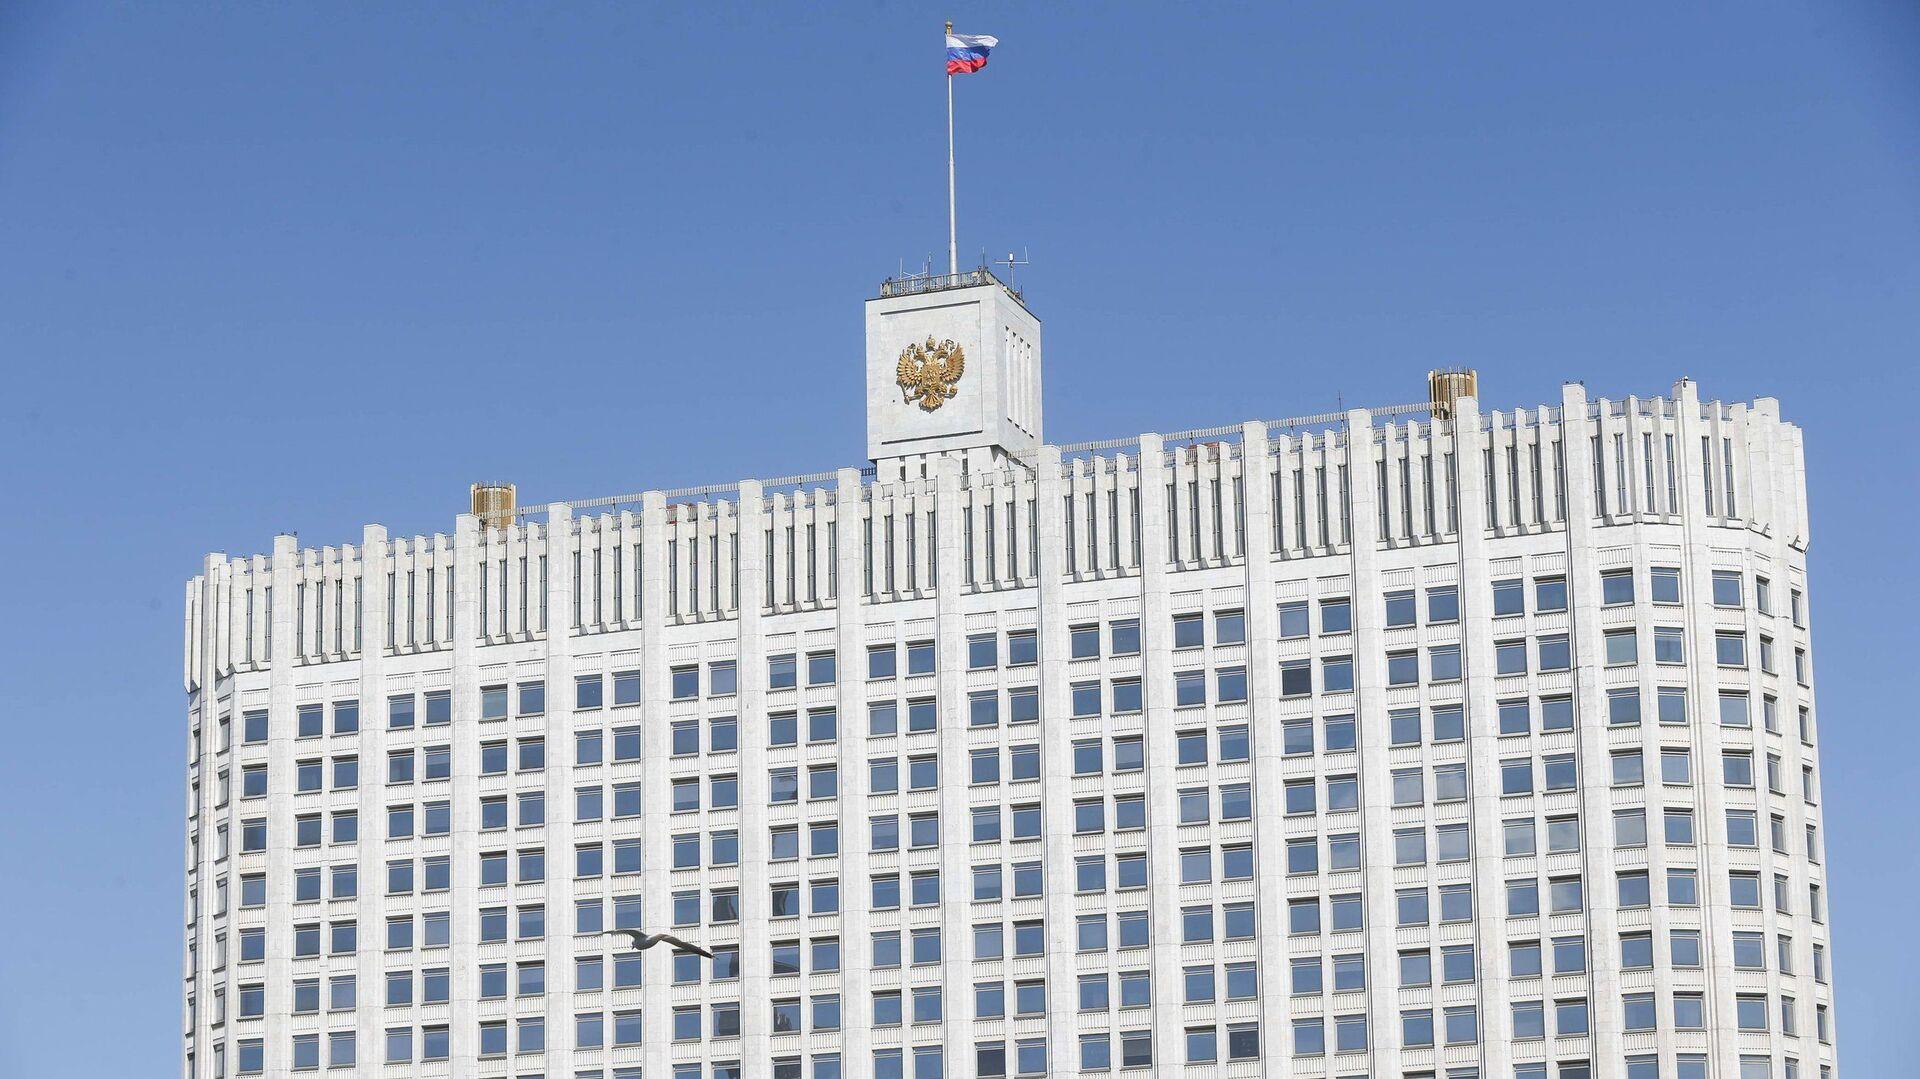 Дом Правительства Российской Федерации  - РИА Новости, 1920, 31.12.2020